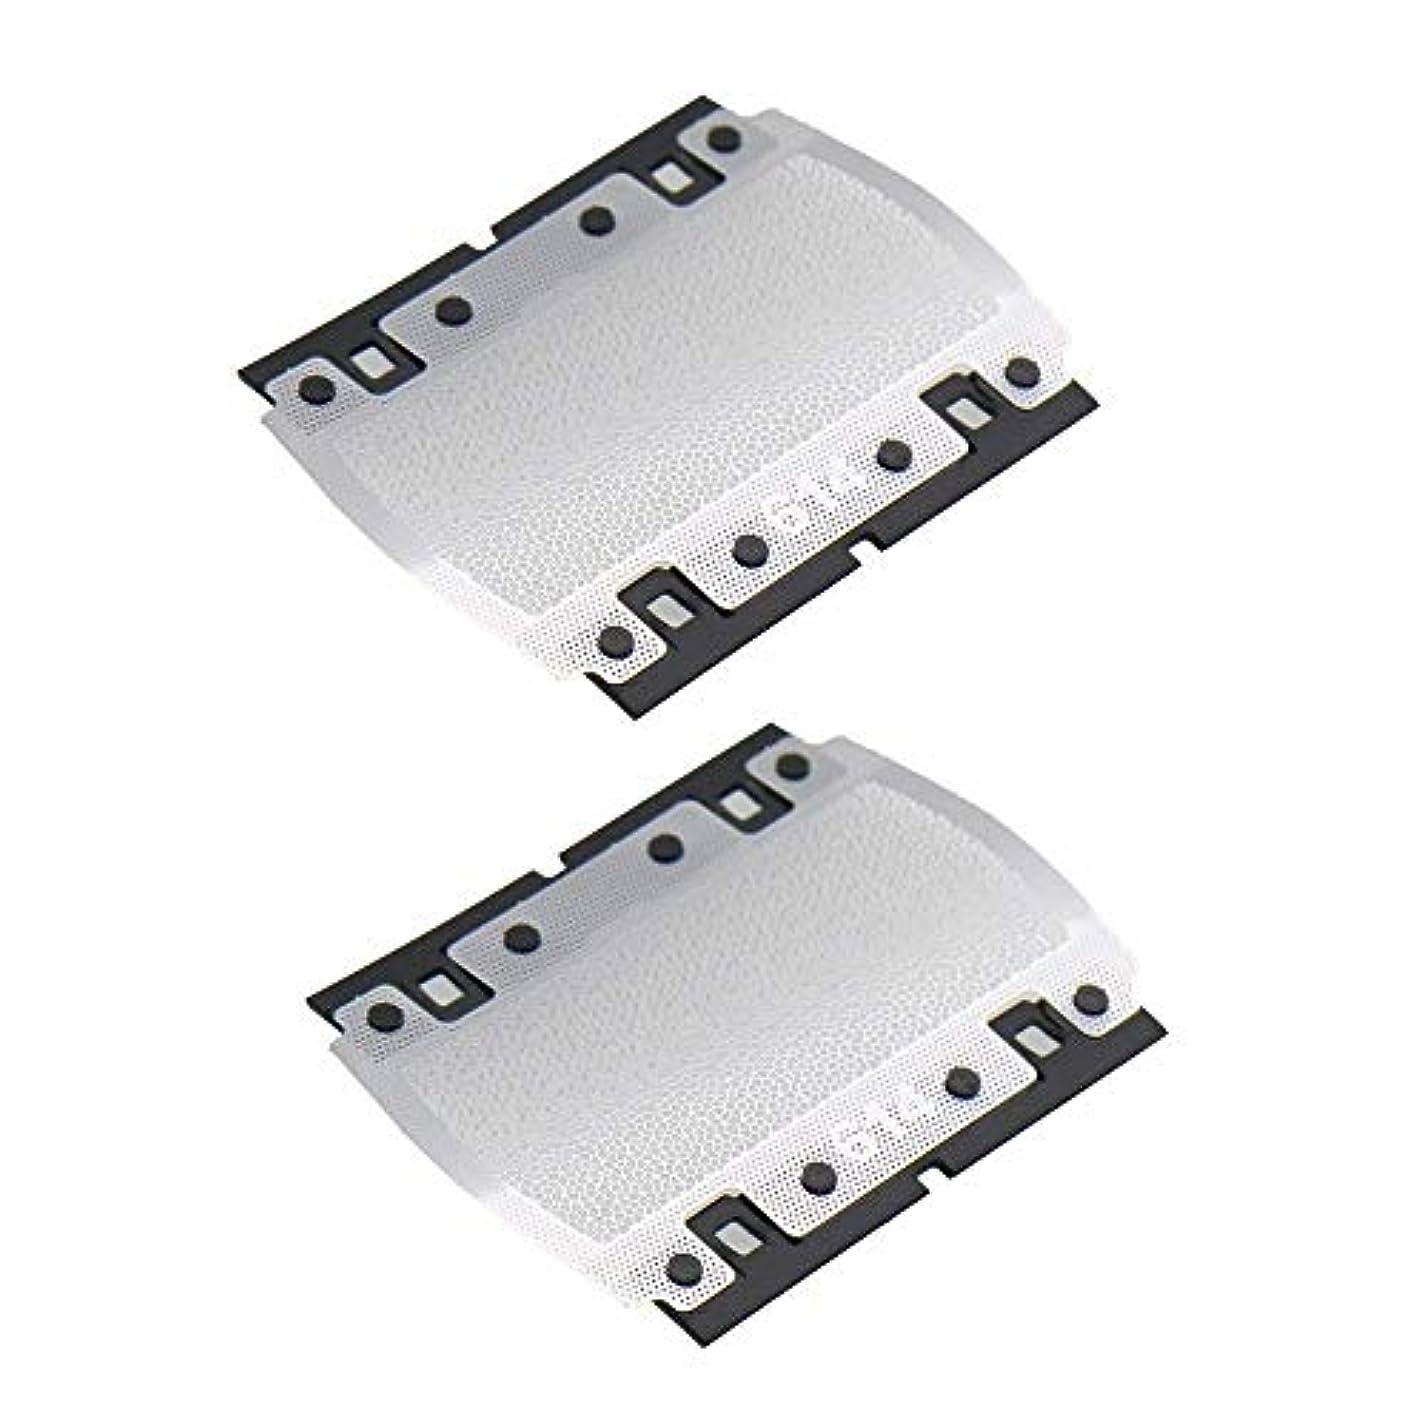 ドリルもつれ凶暴なVWONST 614 Shaver Foil Screen For Braun PocketGo Pocket Twist E-Razor 614 350 355 370 375 5614 5615 P10 Shaver...